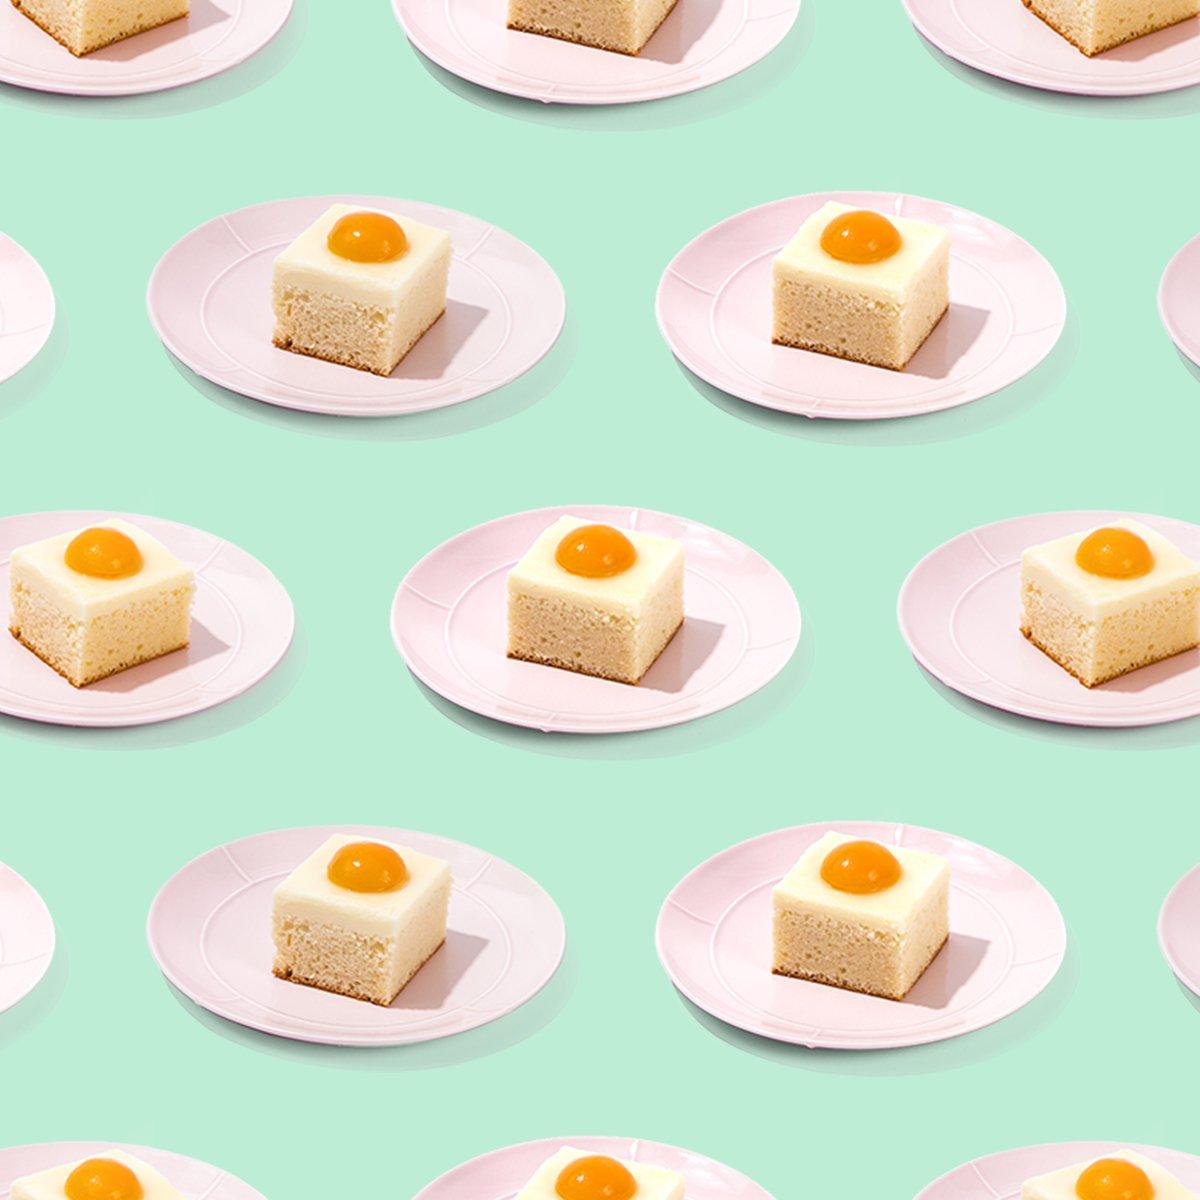 HBF_ChrisTalamo_Cake.jpg